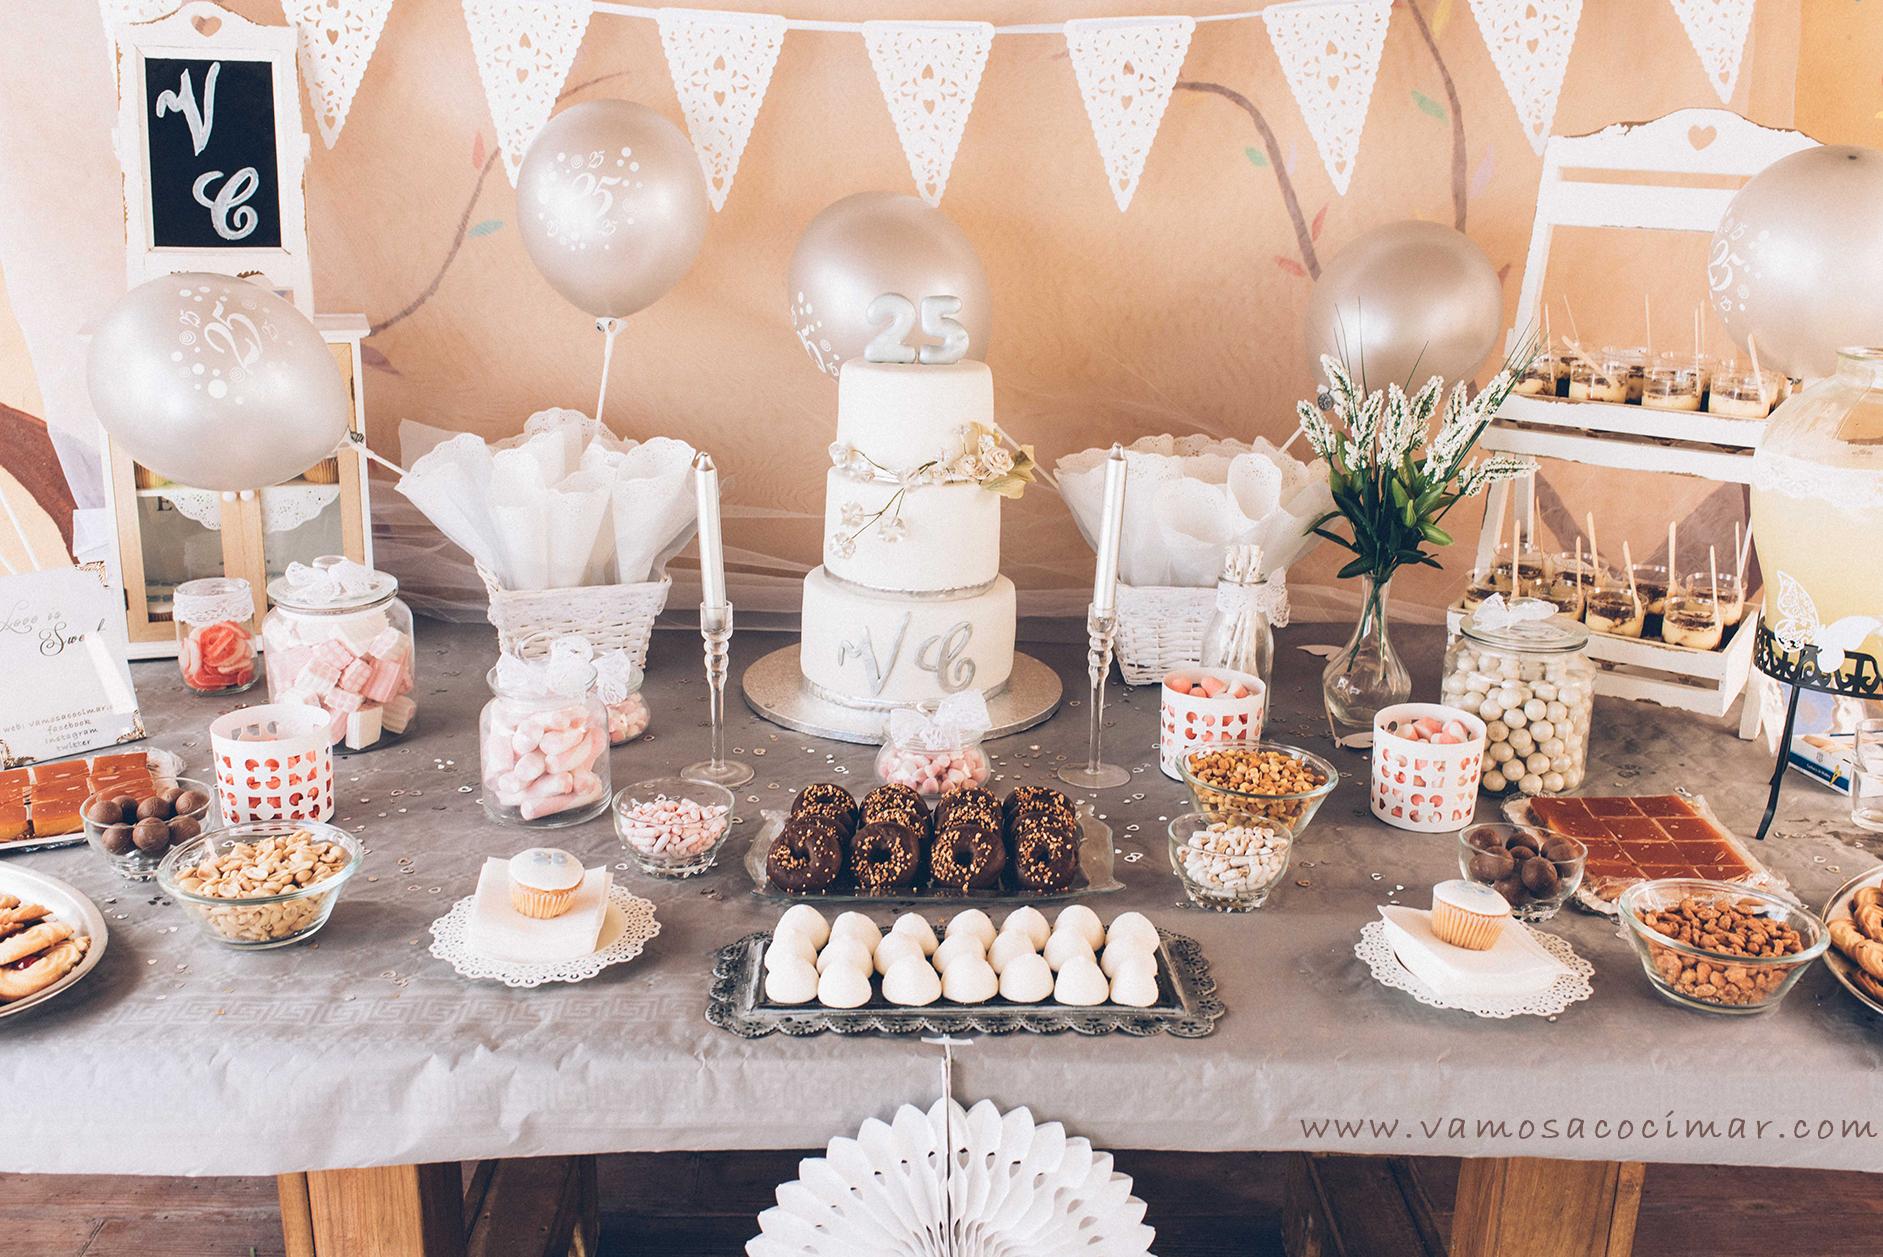 Mesa dulce candy bar boda de plata vamos a cocimar for Mesas de dulces para bodas precios